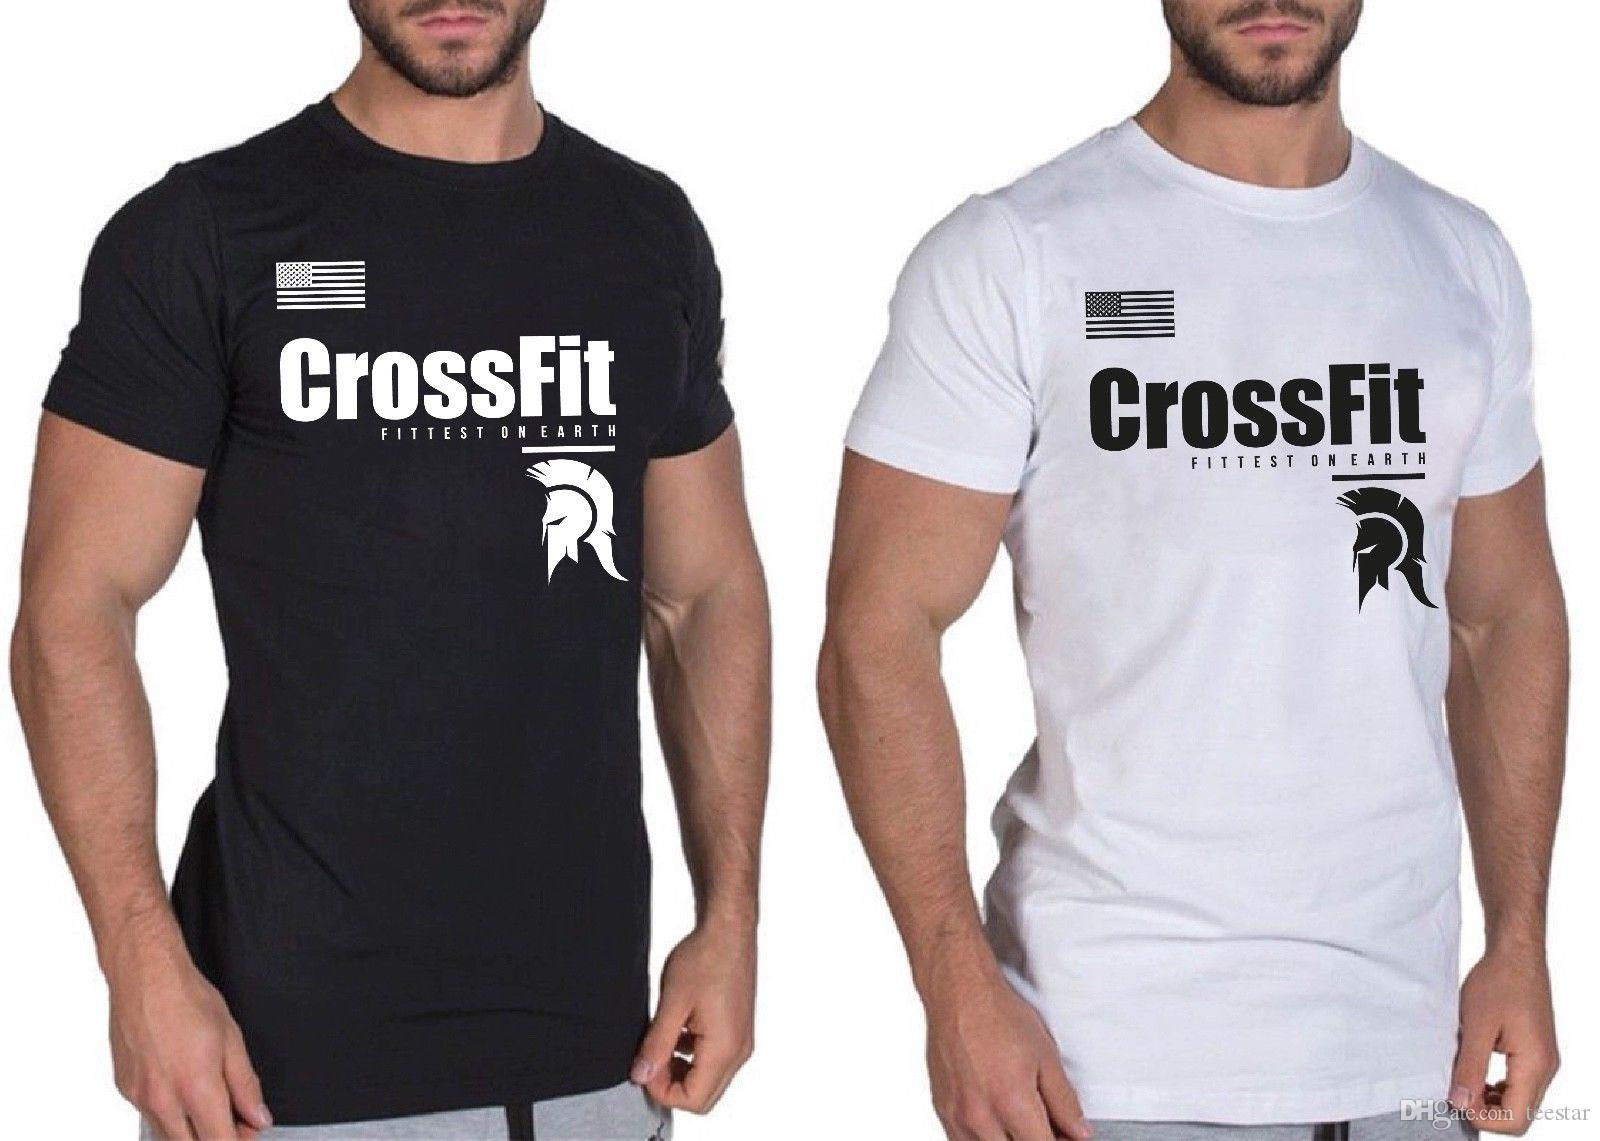 58da17ada8d Compre Para Hombre   Chico Camiseta Spartan Gym Camiseta Bodybuilding  Muscle Top Fitness Workout Camiseta MMA Equipado Hombres O Neck Tee Shirt A   10.44 Del ...